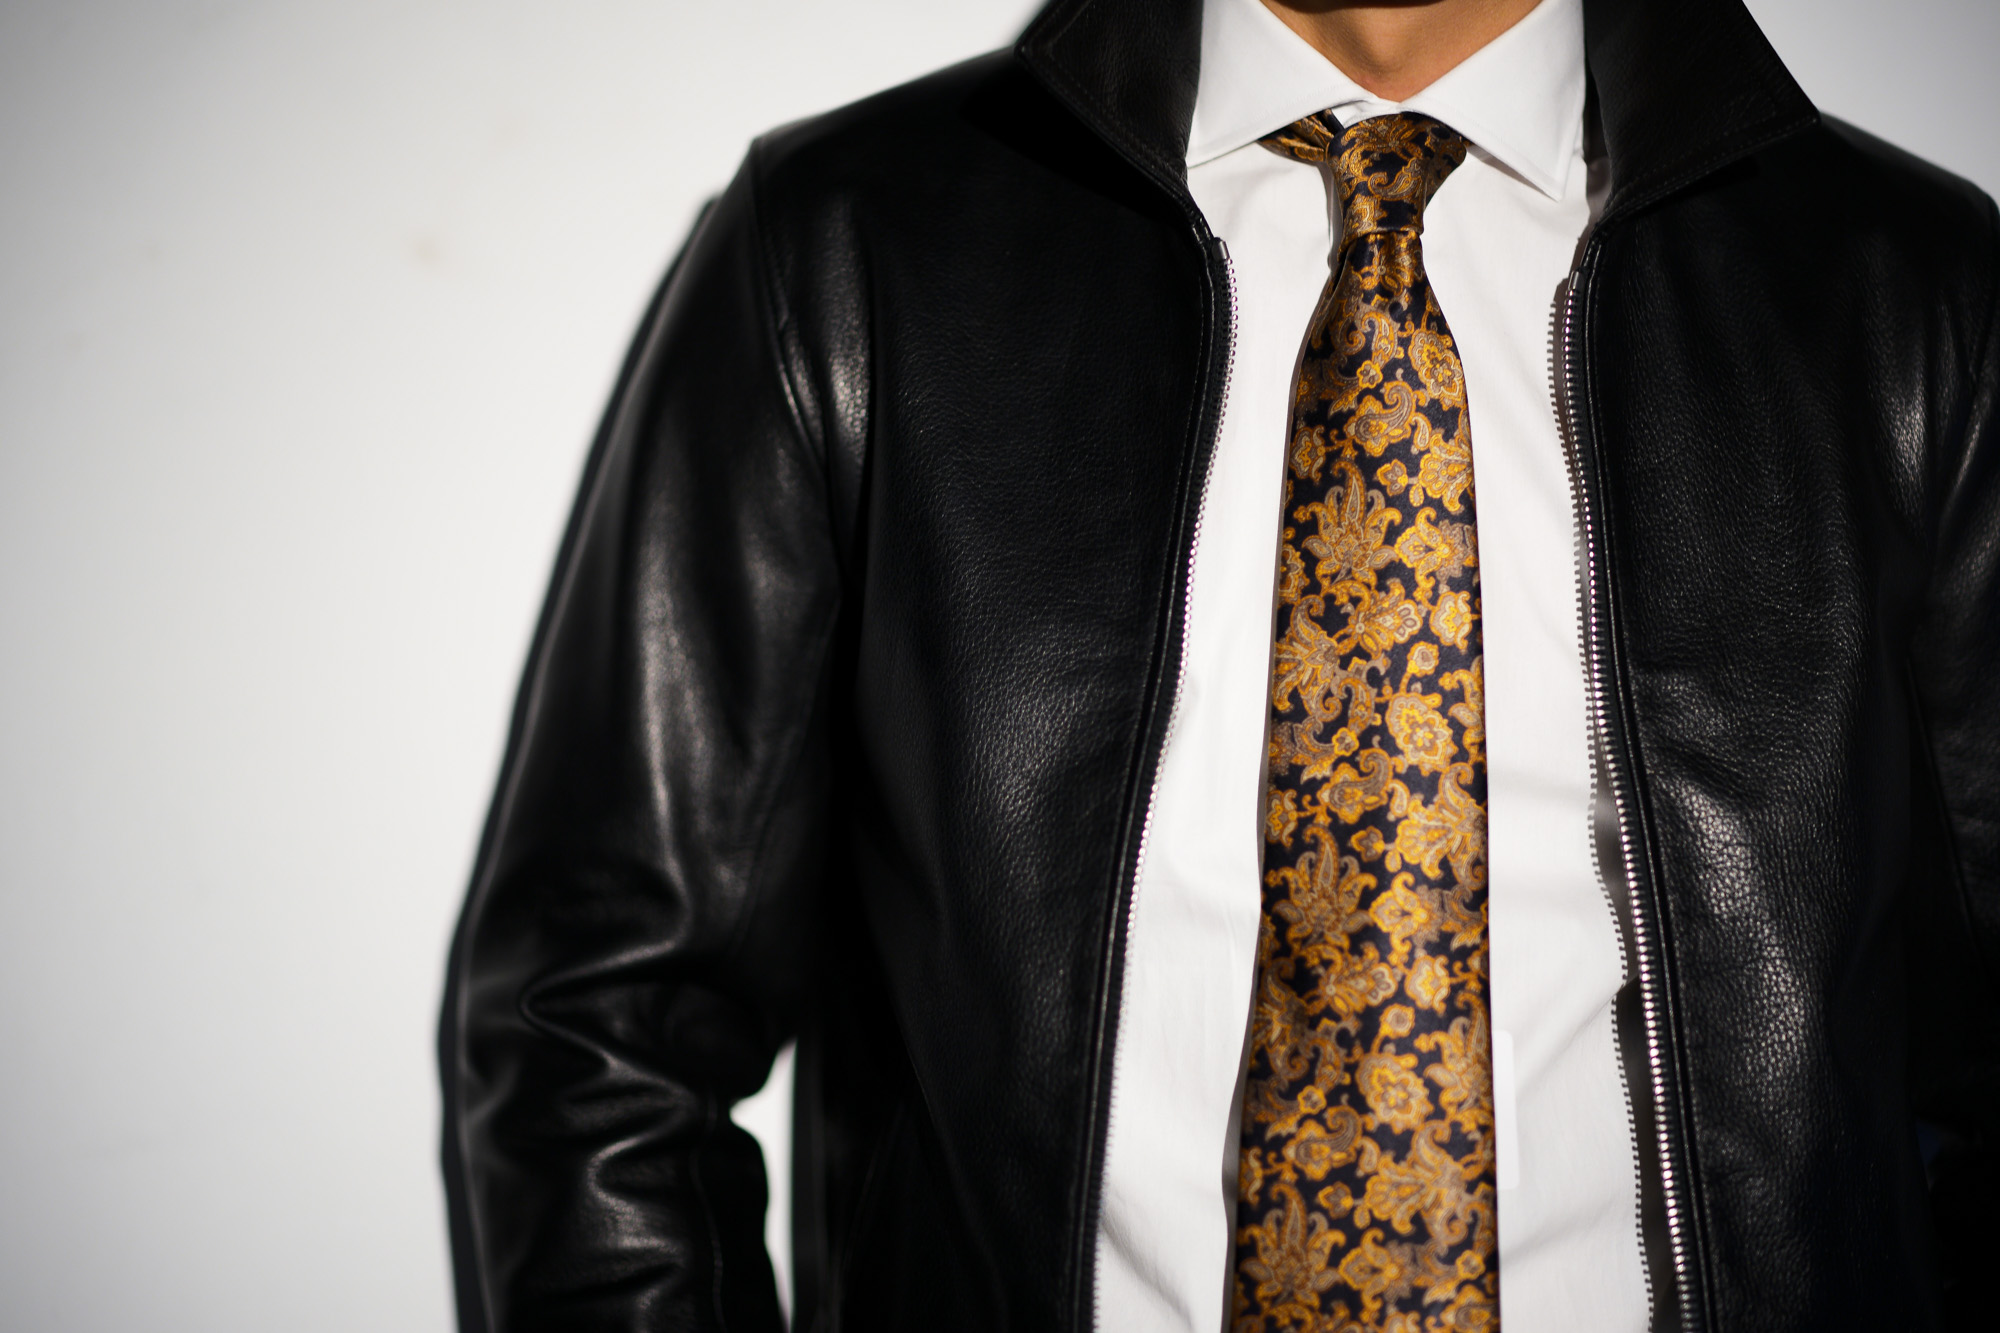 Cuervo (クエルボ) Satisfaction Leather Collection (サティスファクション レザー コレクション) TOM (トム) BUFFALO LEATHER (バッファロー レザー) シングル ライダース ジャケット BLACK (ブラック) MADE IN JAPAN (日本製) 2019 春夏【ご予約受付中】 クエルボ レザージャケット 愛知 名古屋 alto e diritto アルトエデリット セレクトショップ